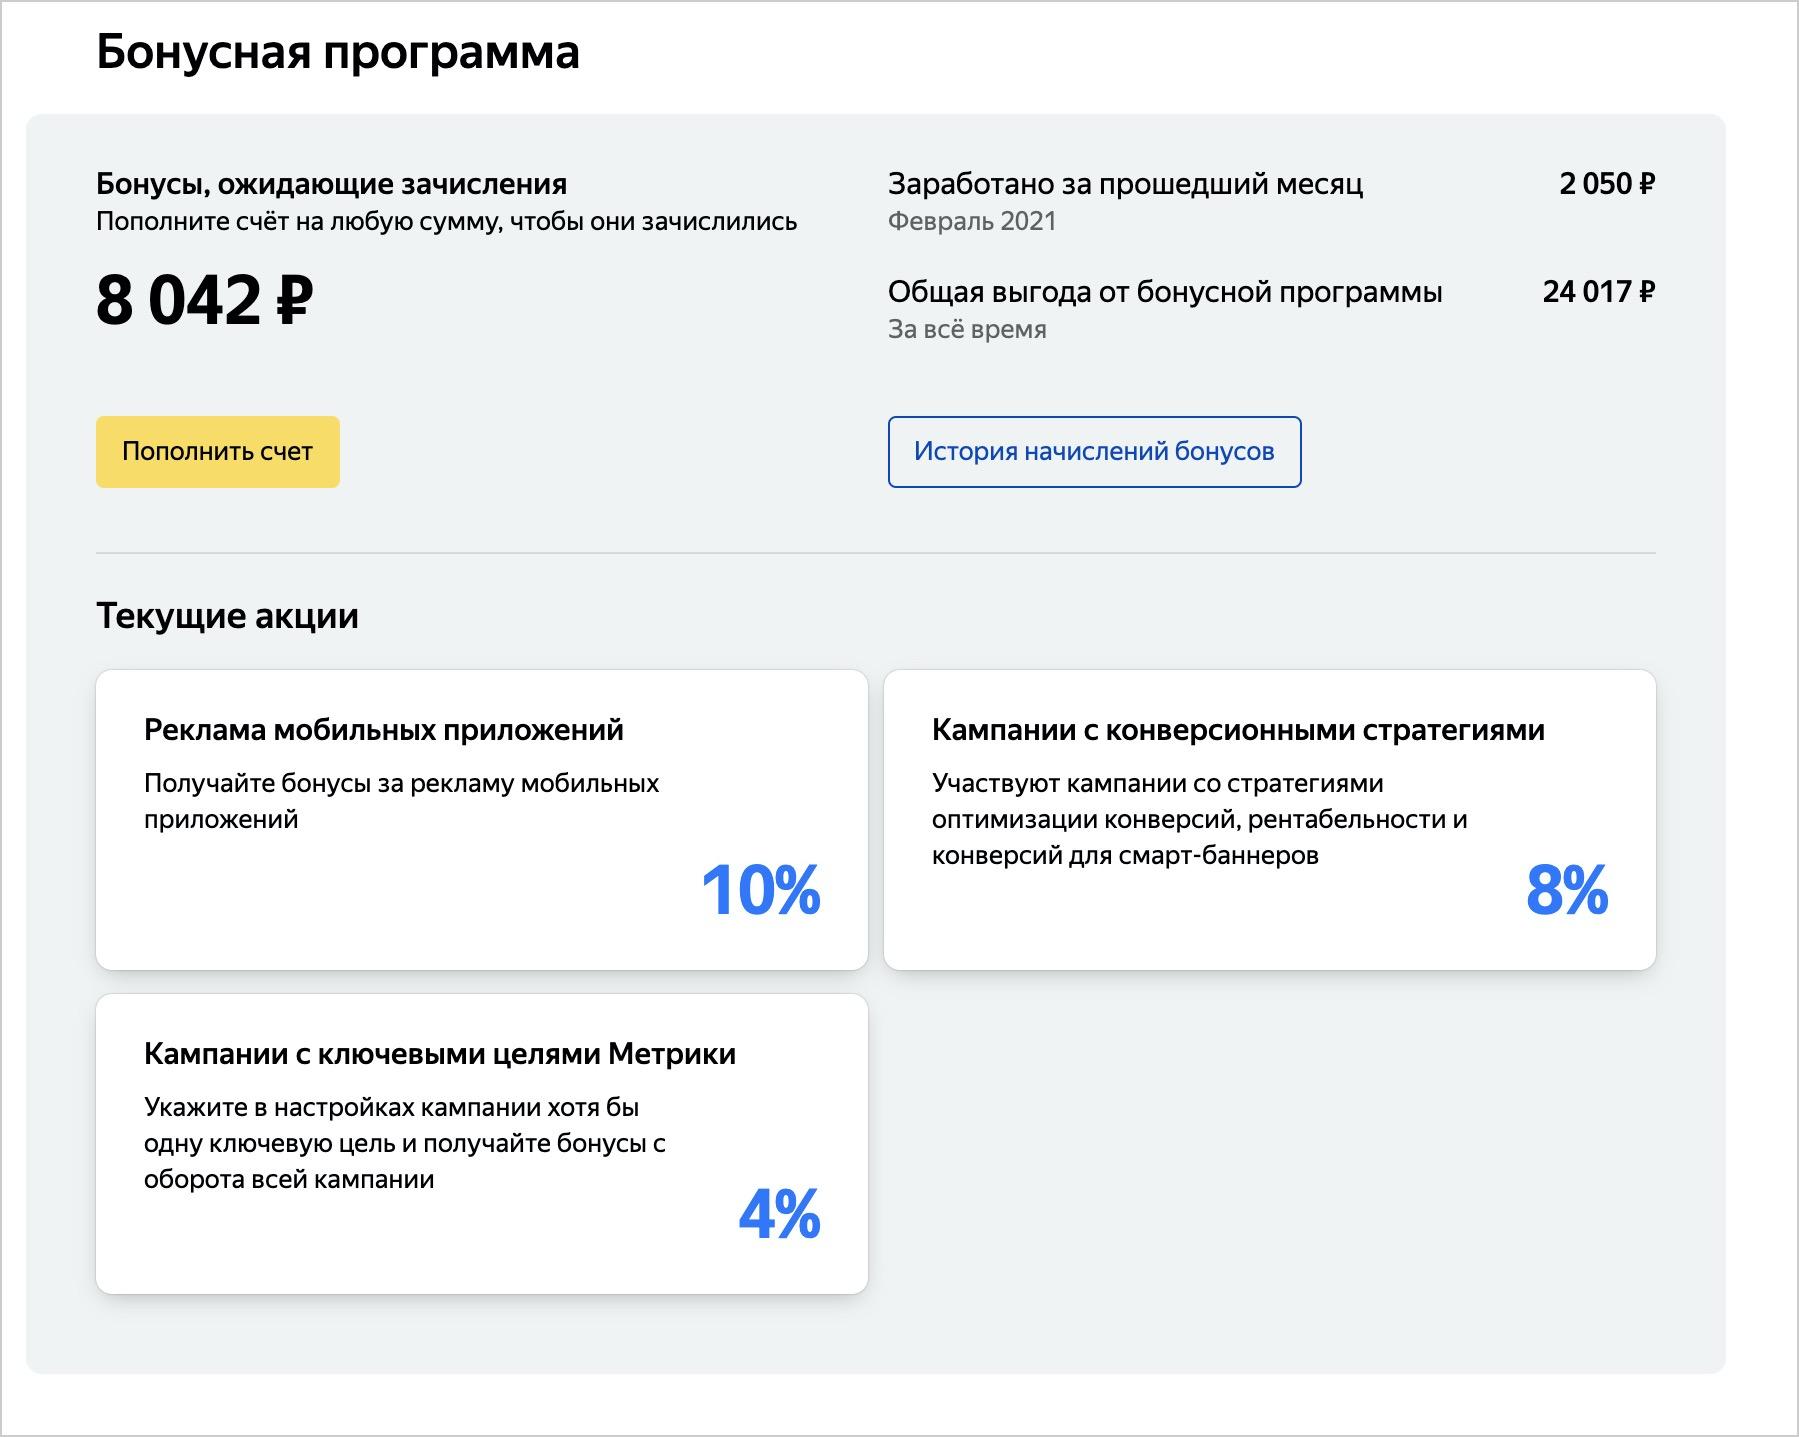 Бонусы в «Яндекс.Директе» доступны всем рекламодателям